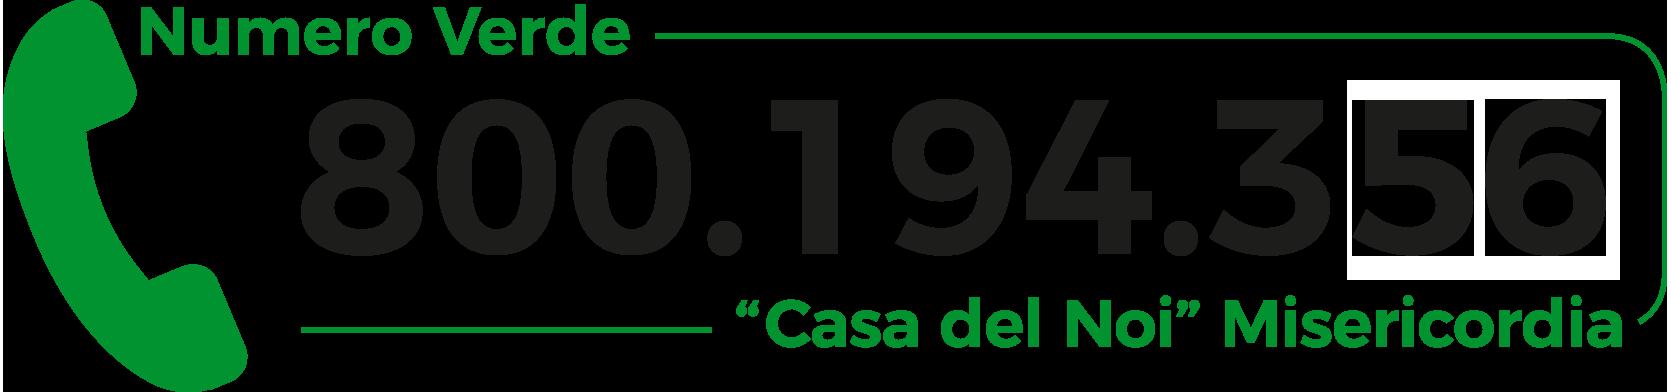 CdN_numeroverde